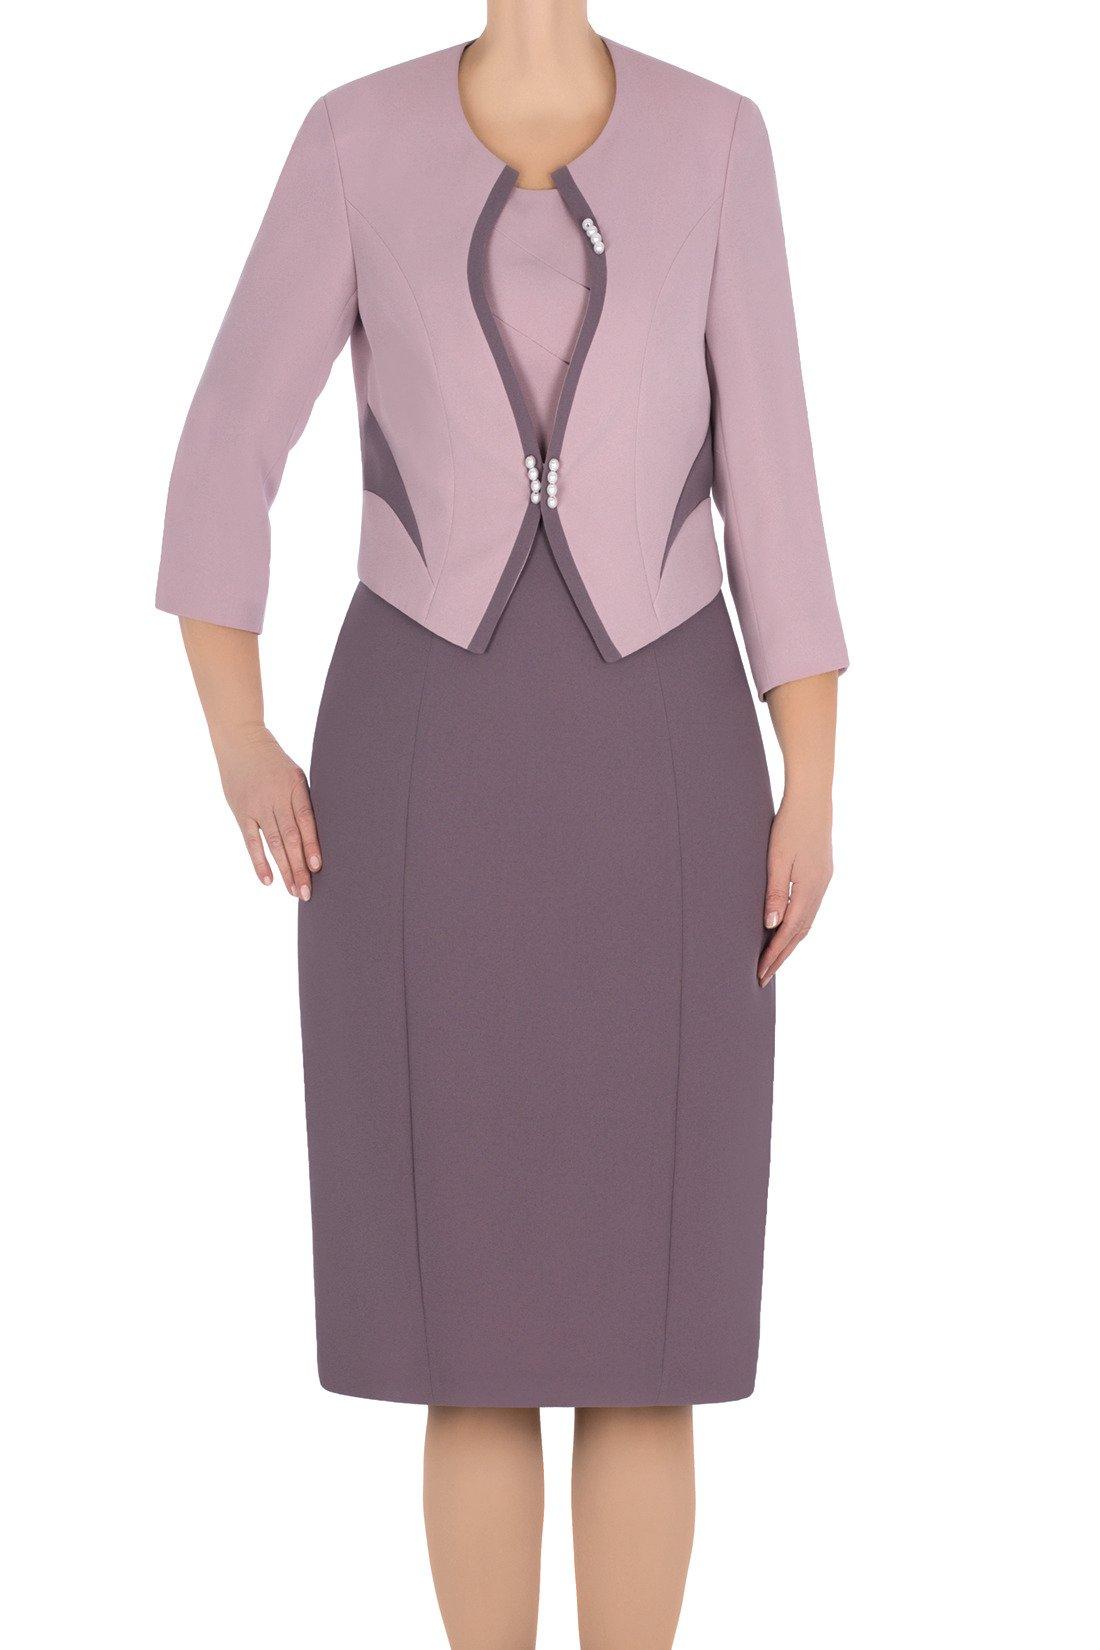 8bb24a7ba4 Wizytowy komplet damski Perła wrzosowy sukienka i żakiet